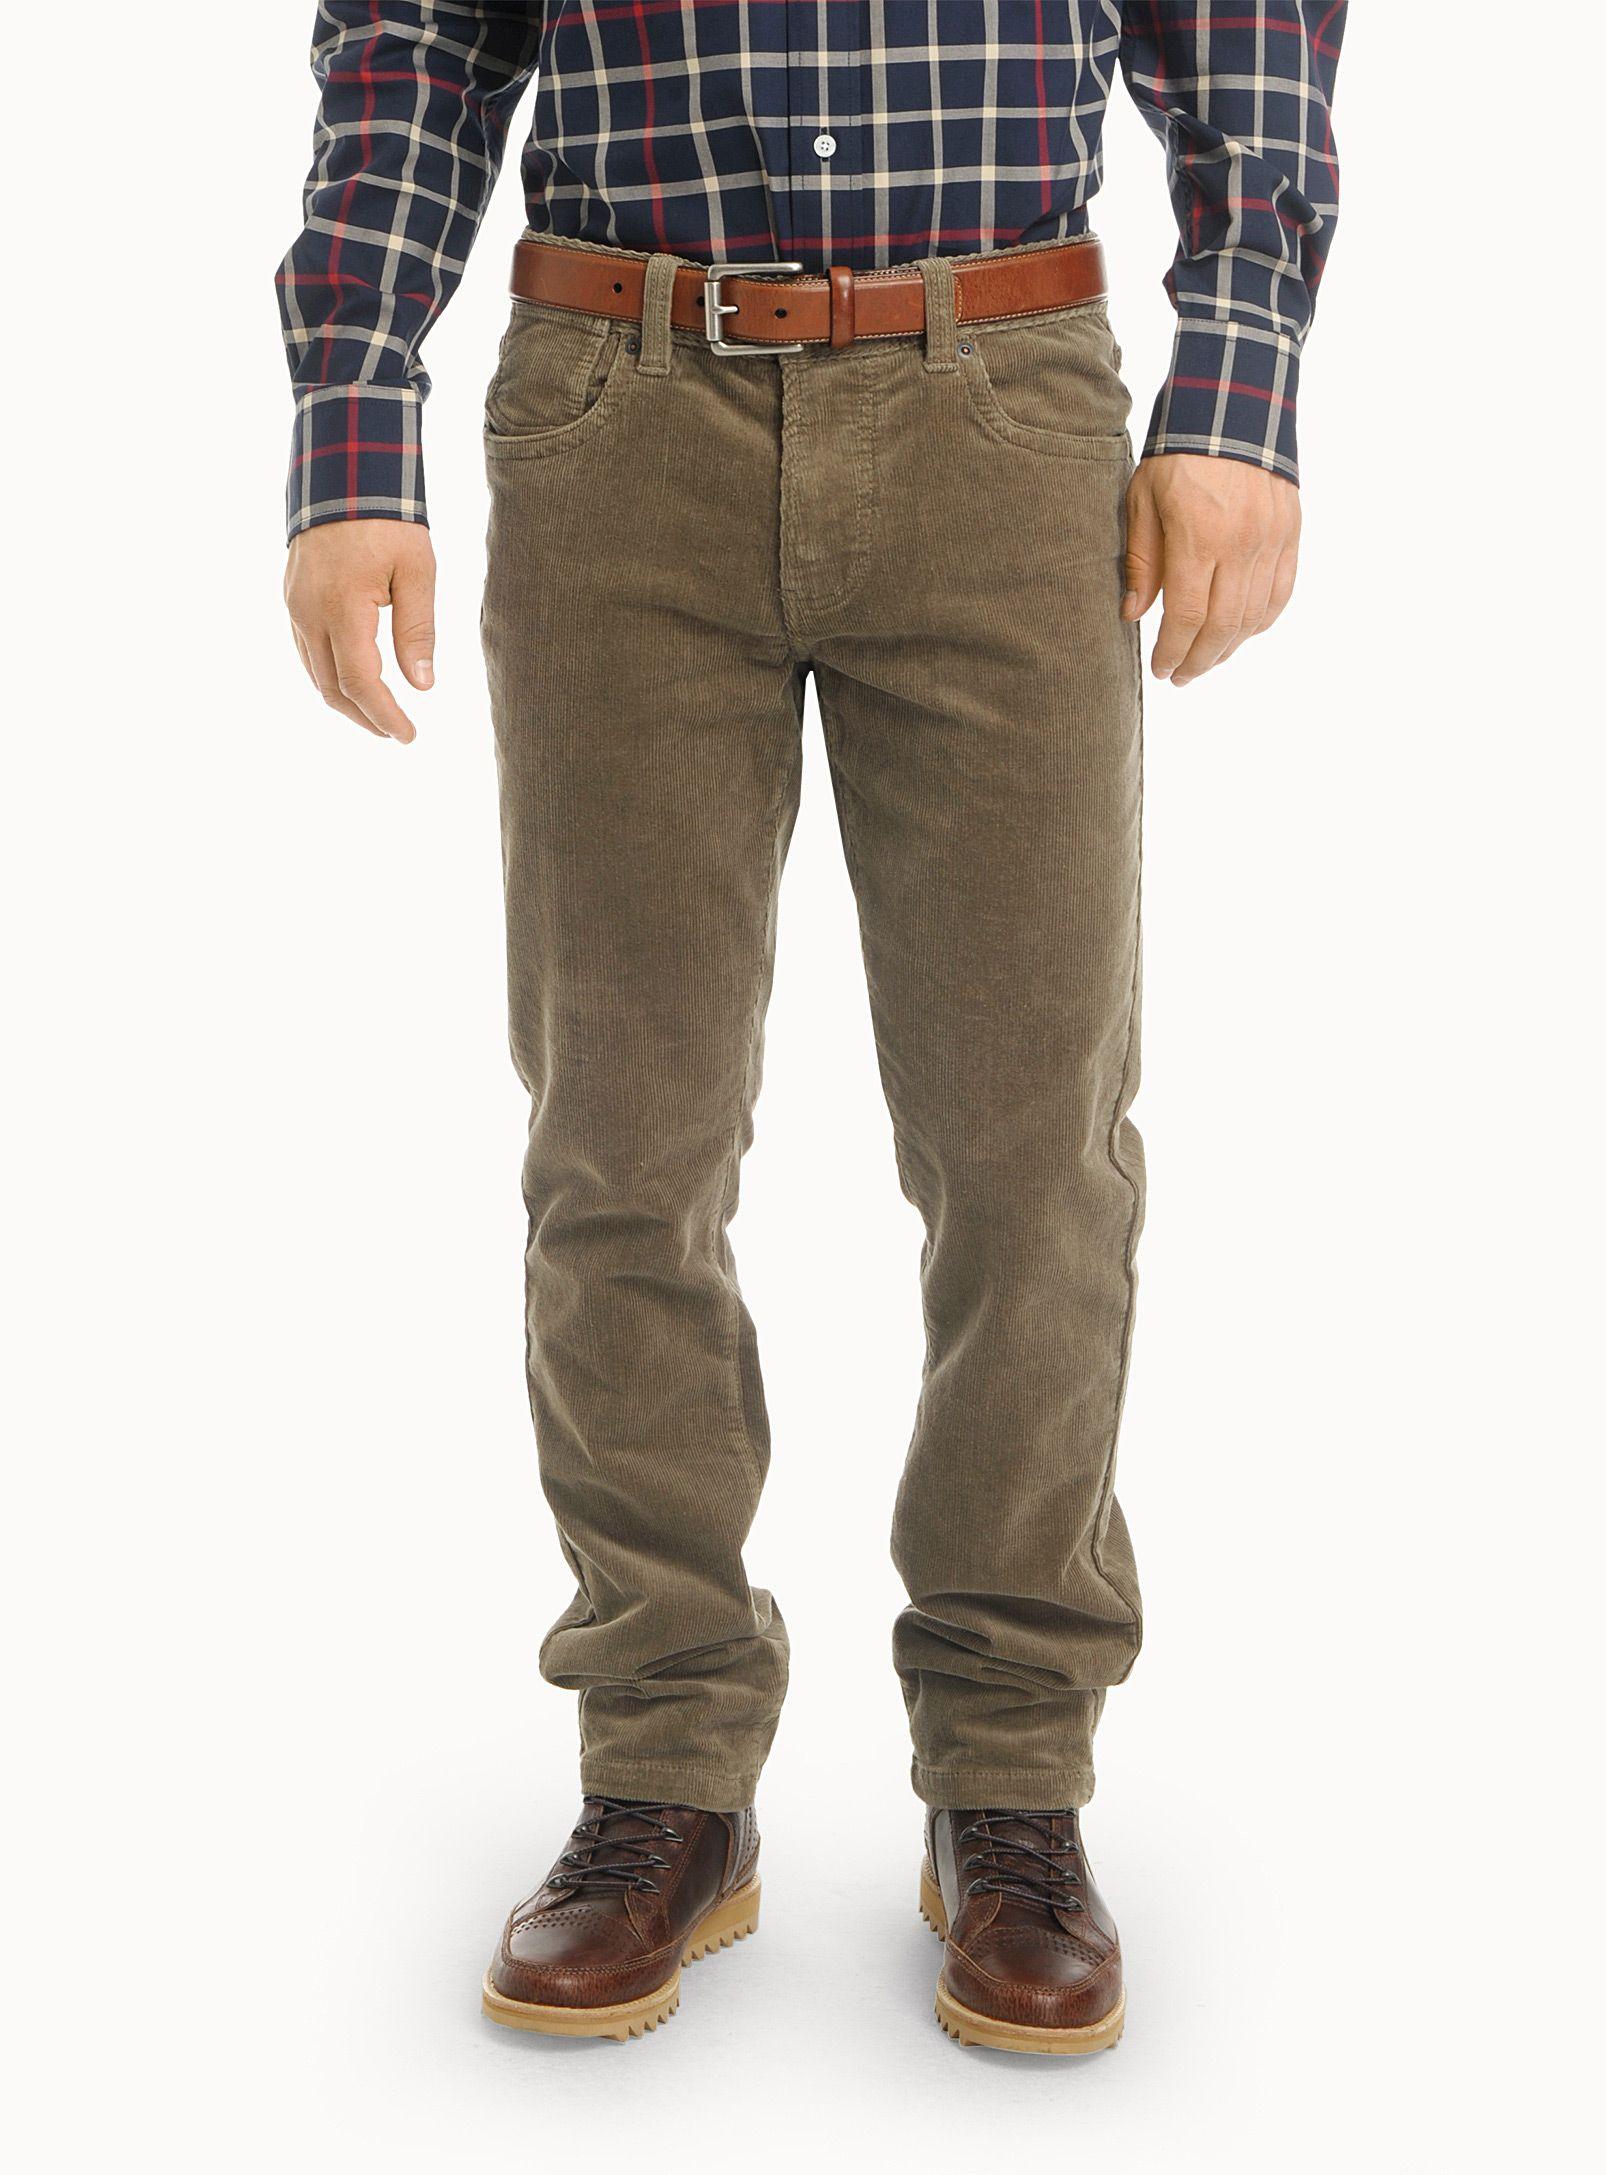 pantalons velours c tel coton et laine pour homme en ligne simons dudes in corduroy mecs. Black Bedroom Furniture Sets. Home Design Ideas